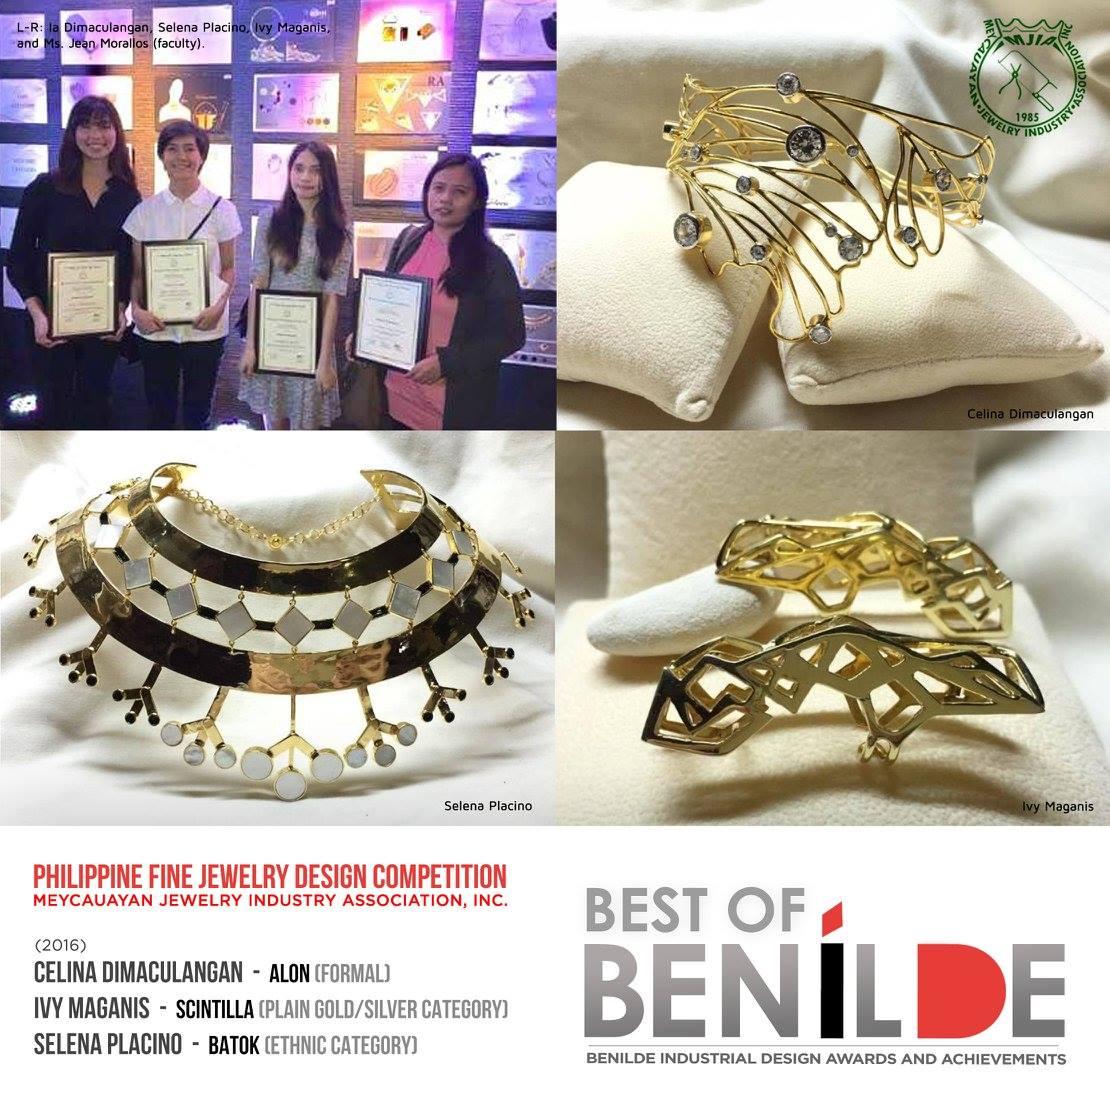 15_Meycauayan Jewelry_Dimaculangan Maganis Placino 2017